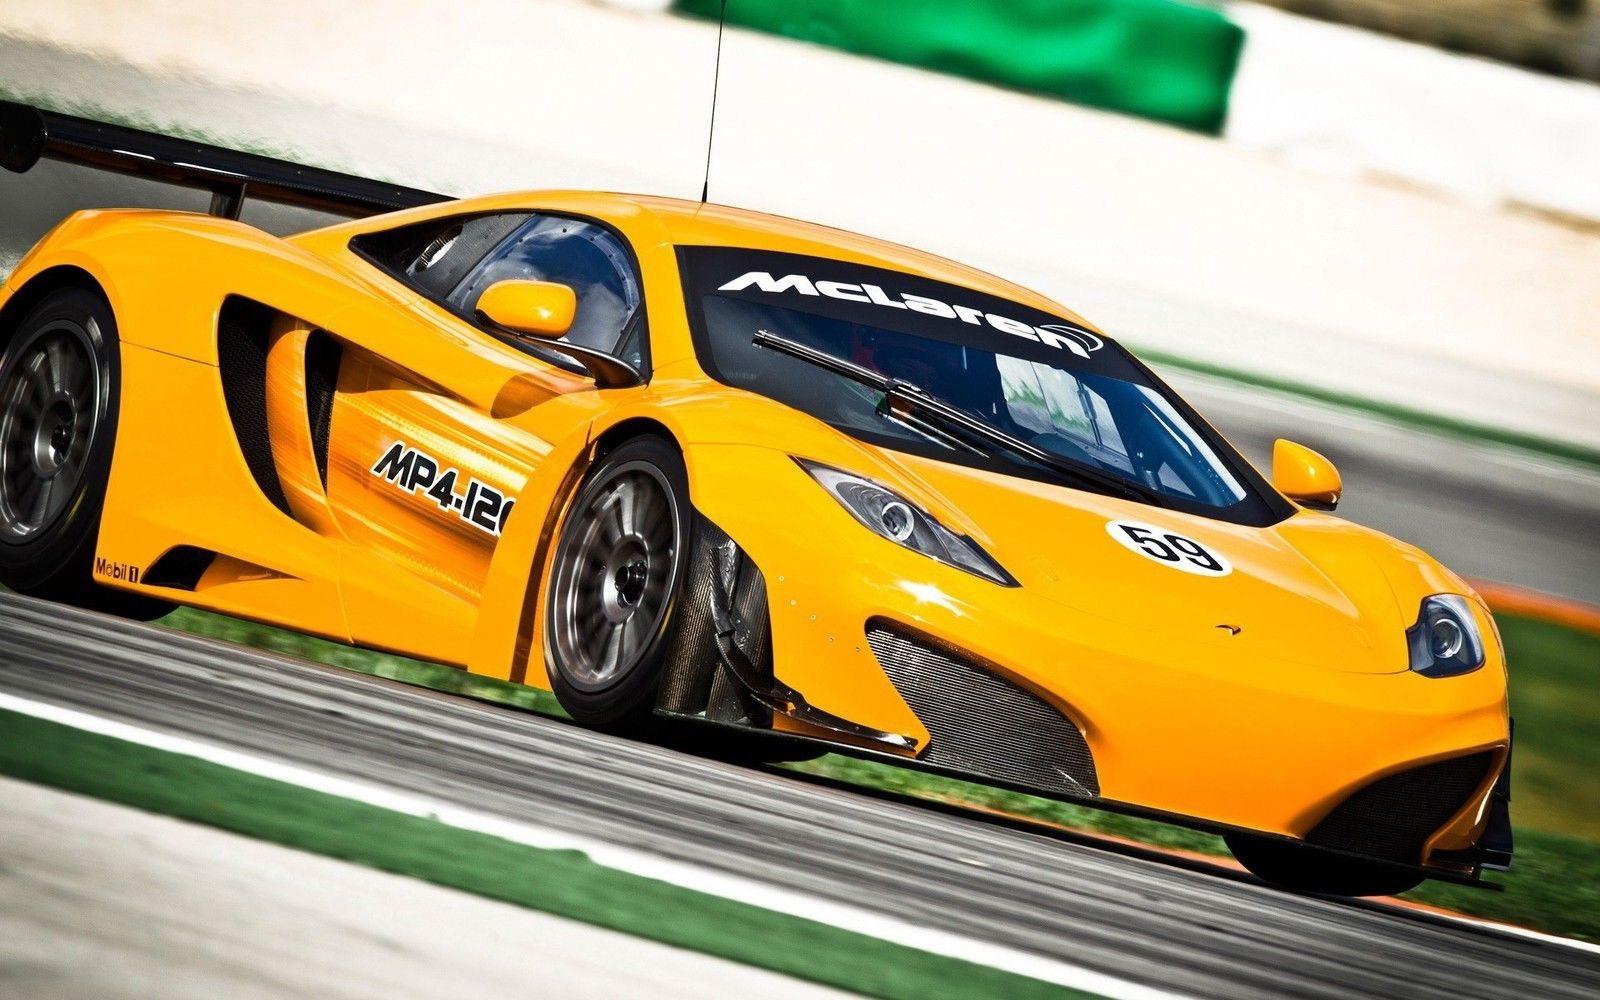 124918 McLaren MP4 12C giallo car Decor WALL PRINT POSTER CA